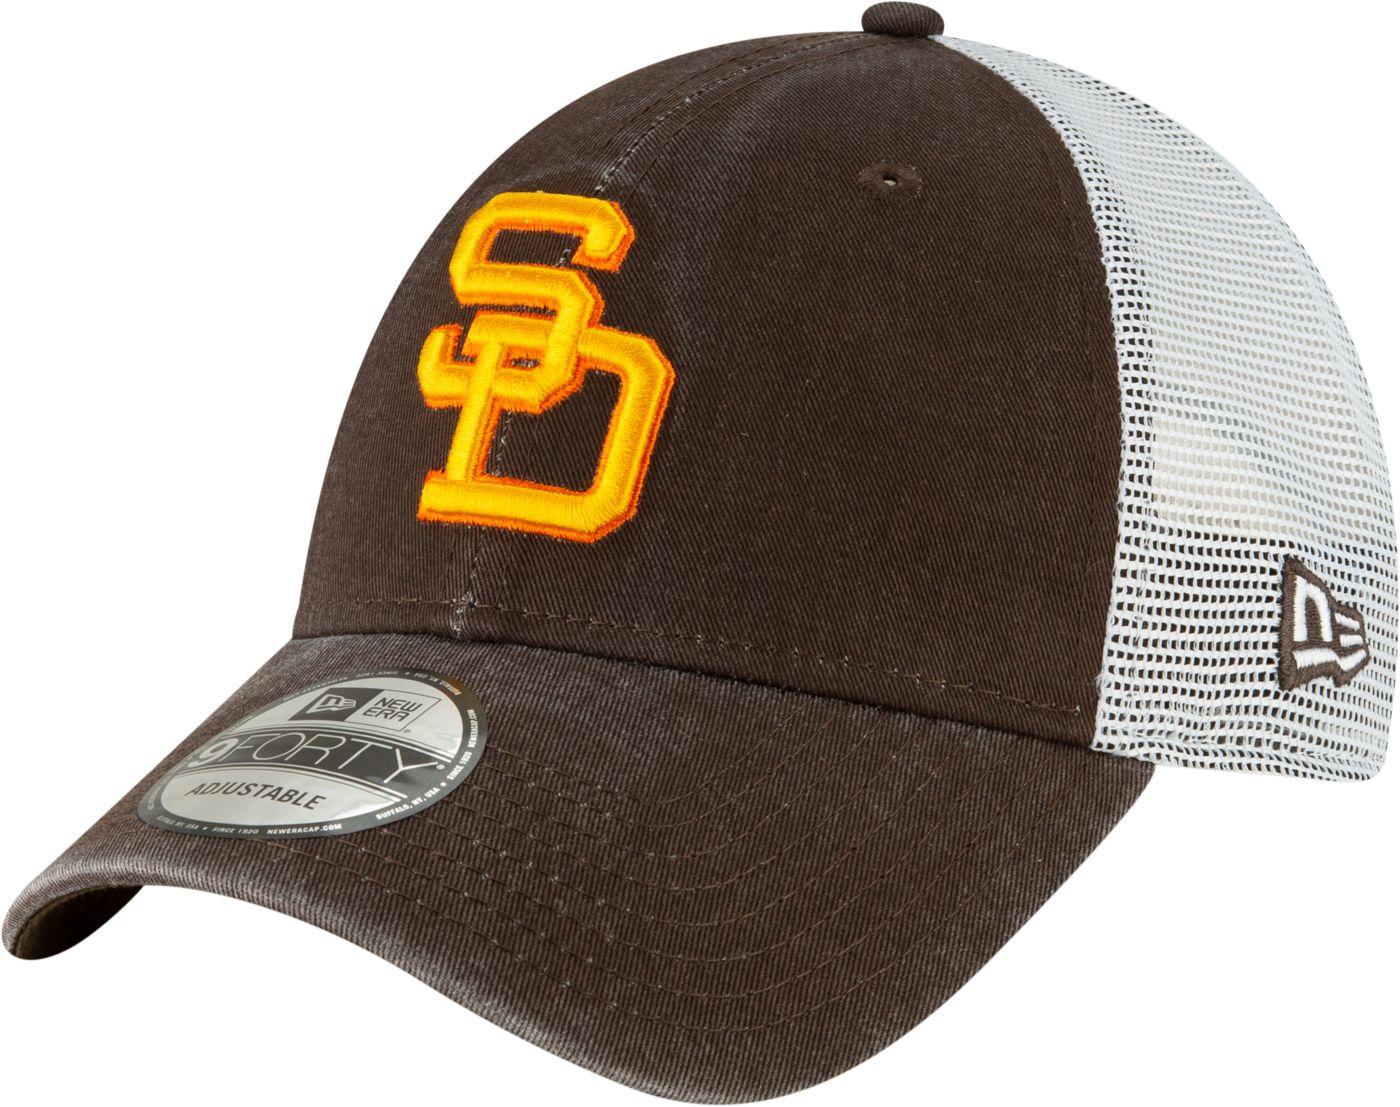 New Era Men's San Diego Padres 9Forty Cooperstown Trucker Adjustable Hat